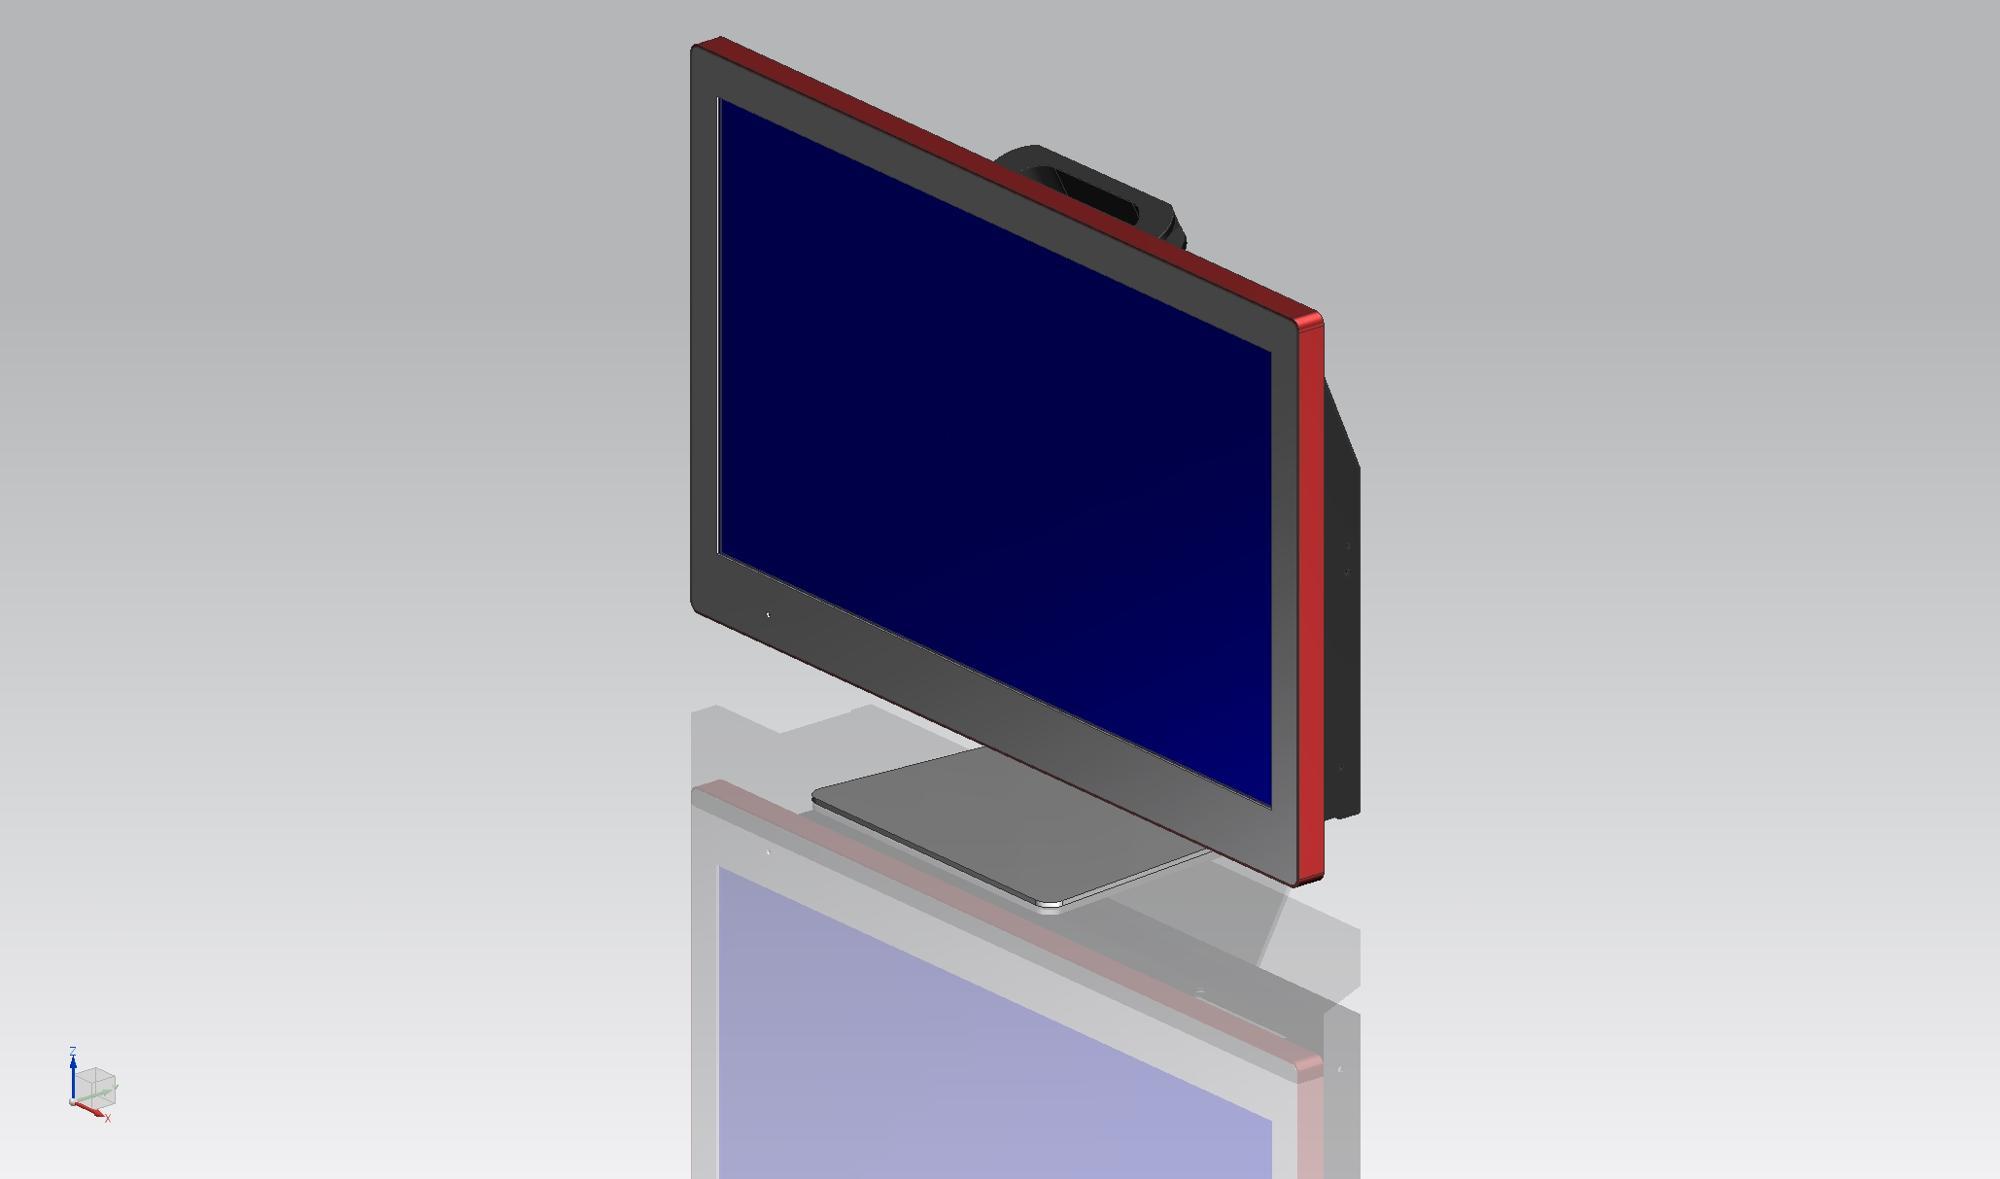 215PC-80mm-AIO-0305-V2-1-1.jpg